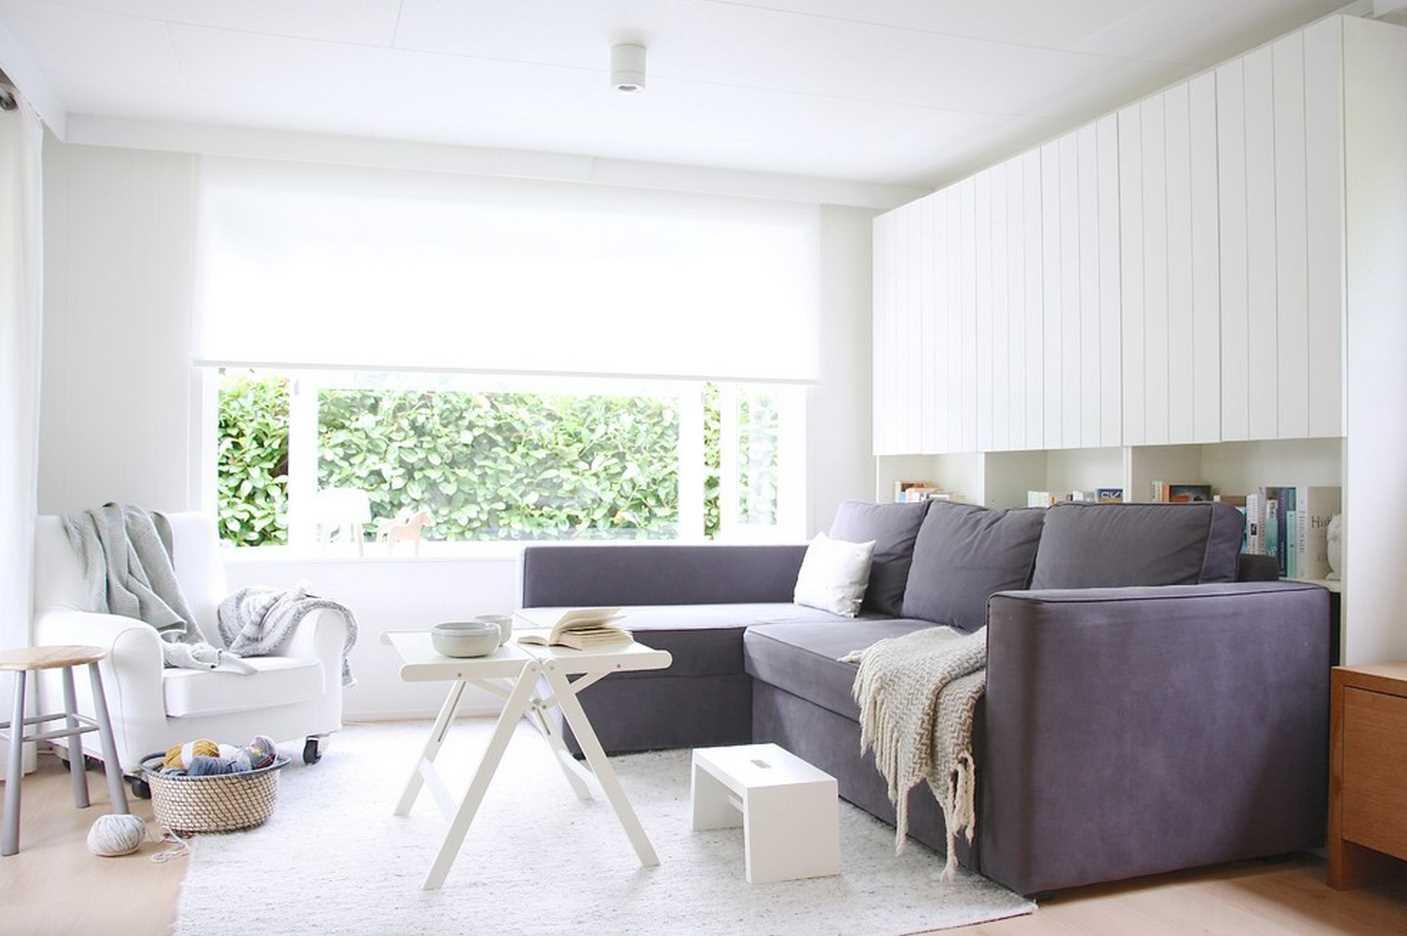 спальня-гостиная 18 кв.м. с диваном